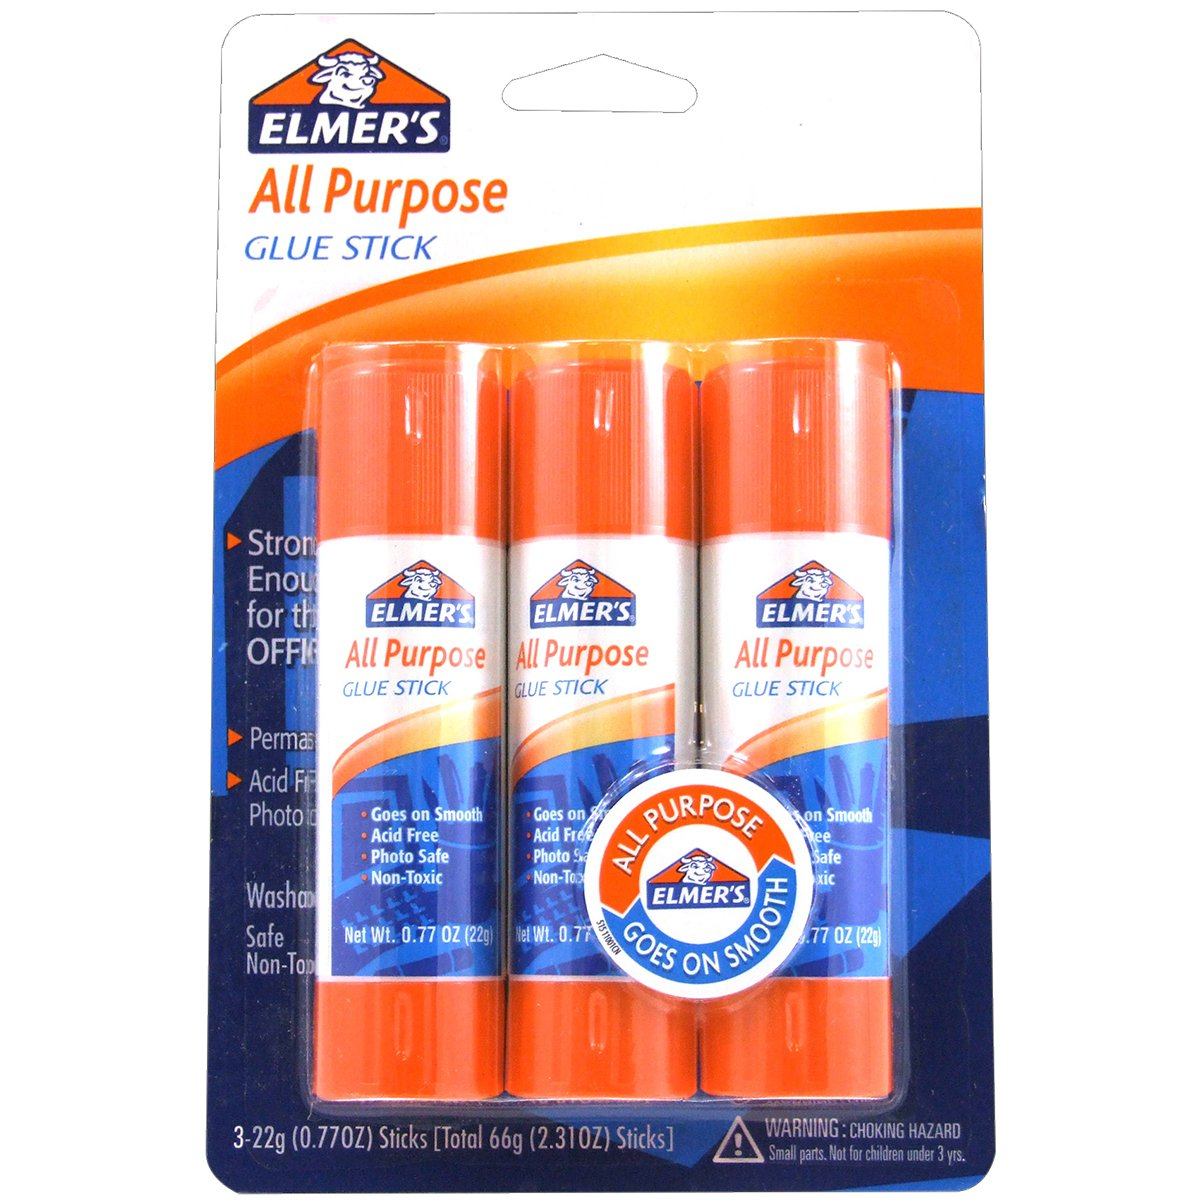 Elmer's All Purpose Glue Sticks, 0.77 Ounce, 3 Count